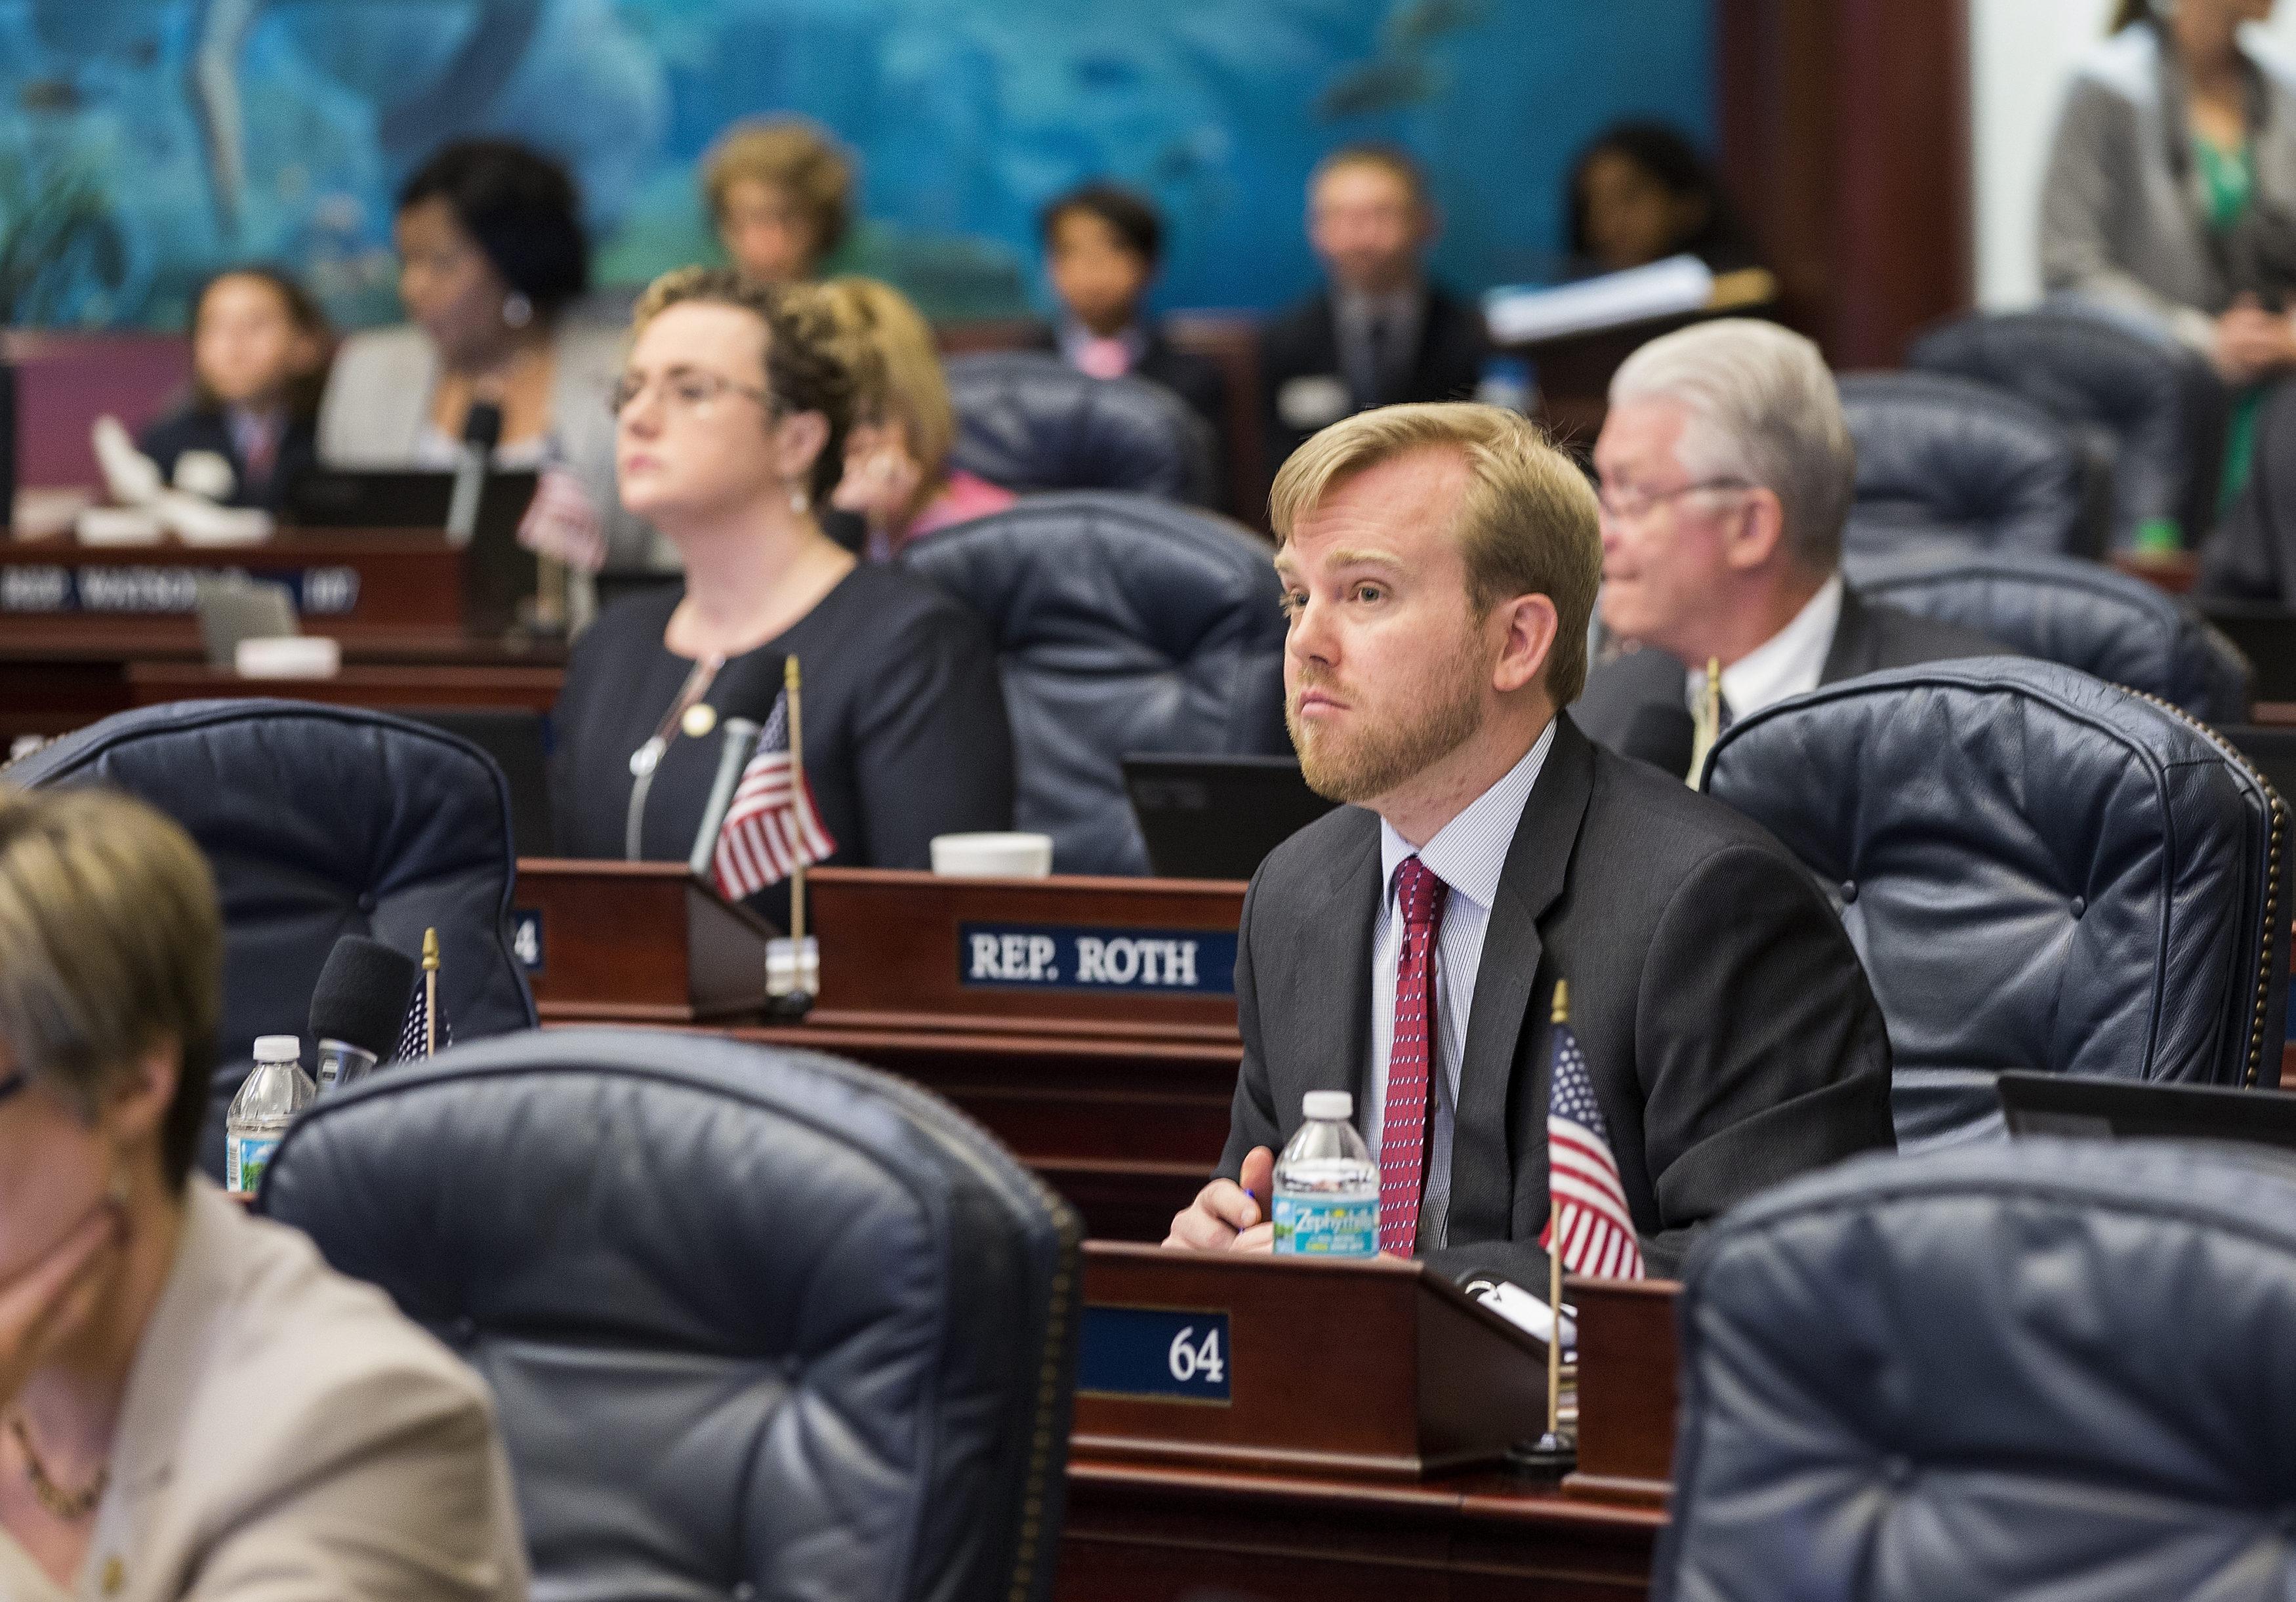 Legislature-15-mw-050417-3500x2442.jpg